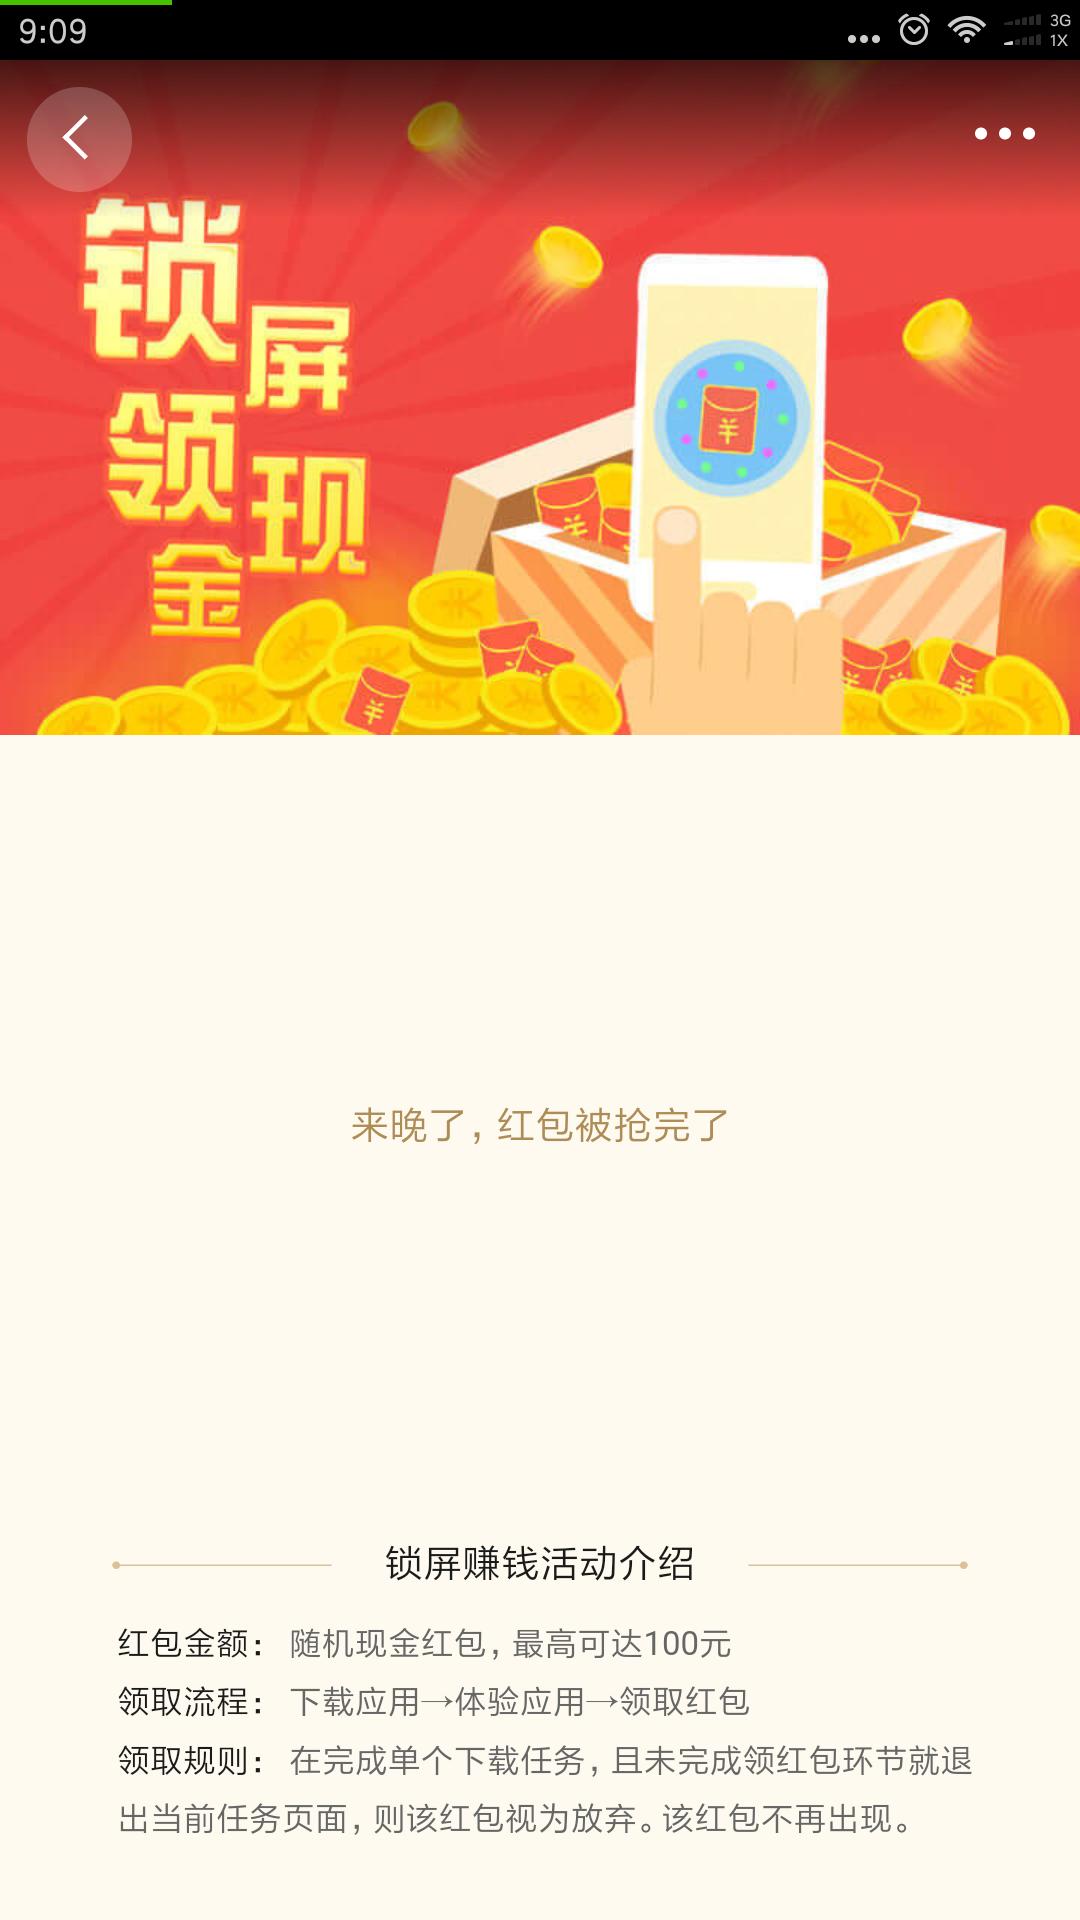 Screenshot_2017-11-10-09-09-00-267_com.qihoo.appstore.png